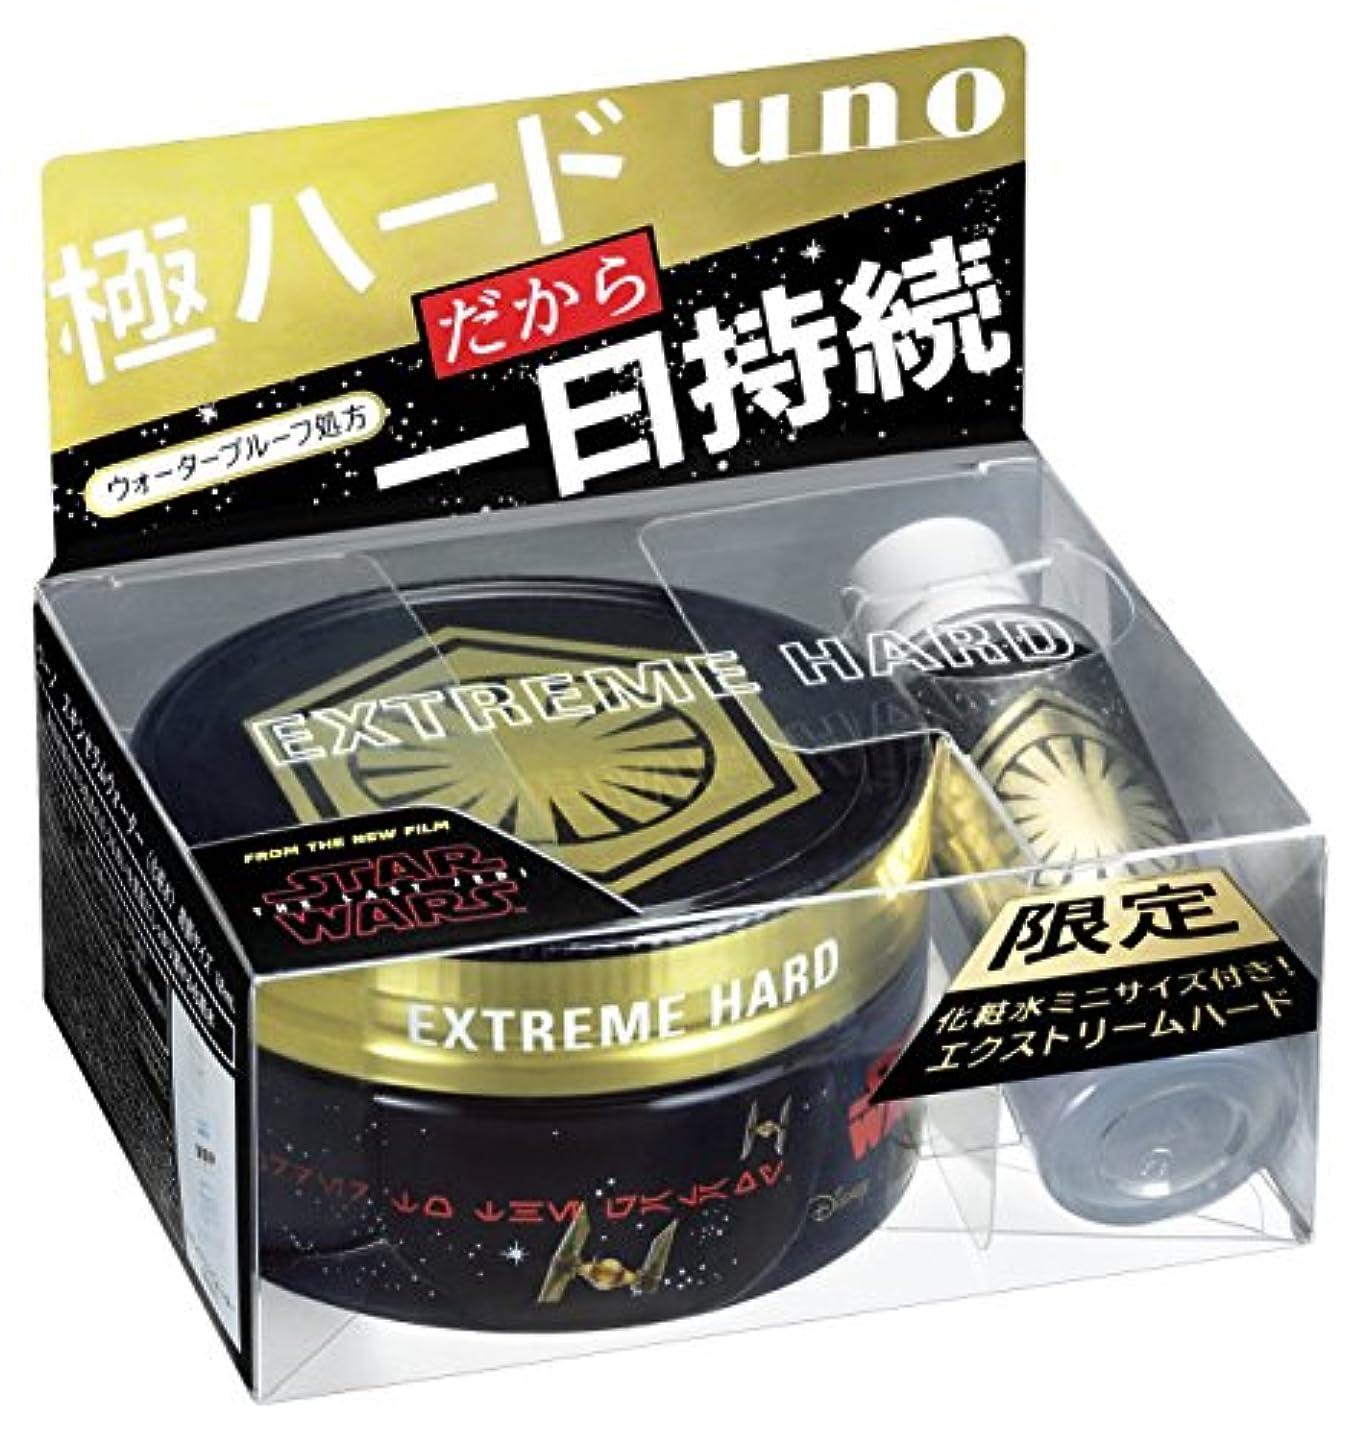 消毒する利益予感uno(ウーノ) ウーノ エクストリームハード ワックス 80g スキンセラムウォーターミニボトル付(スターウォーズEp8)